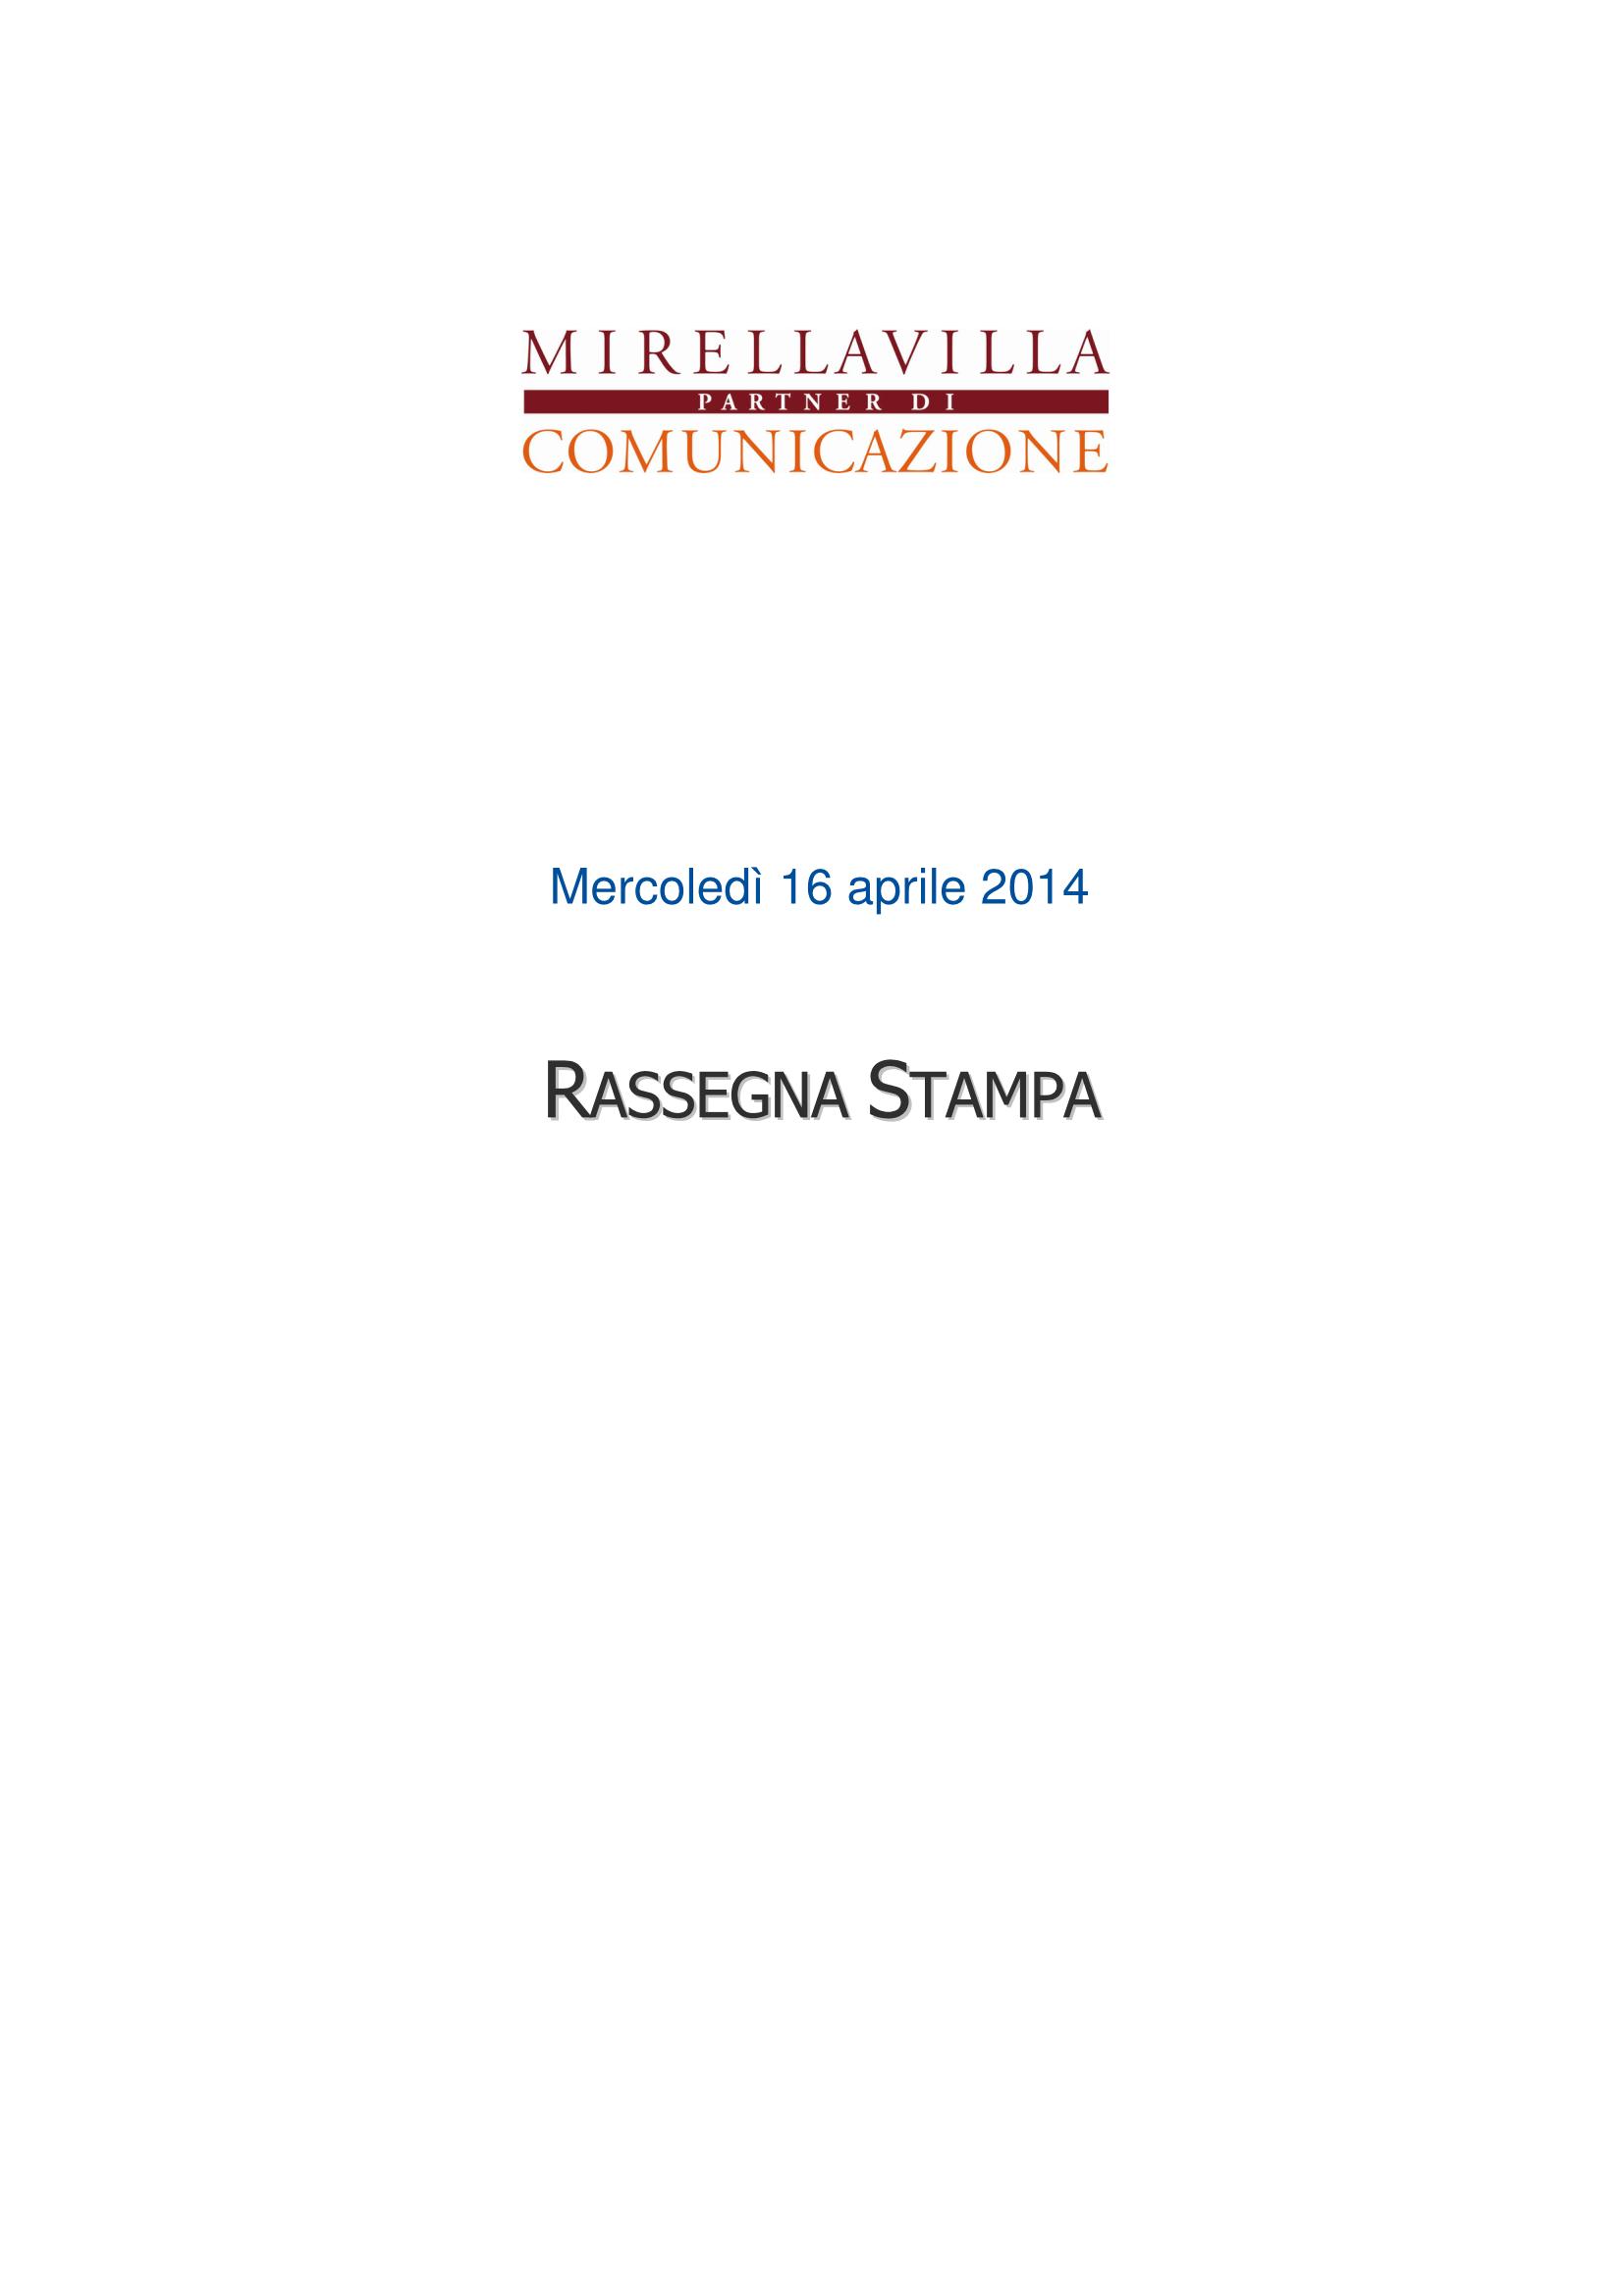 Stampa_20140416 Banchetti AIG nelle piazze italiane_Page_1